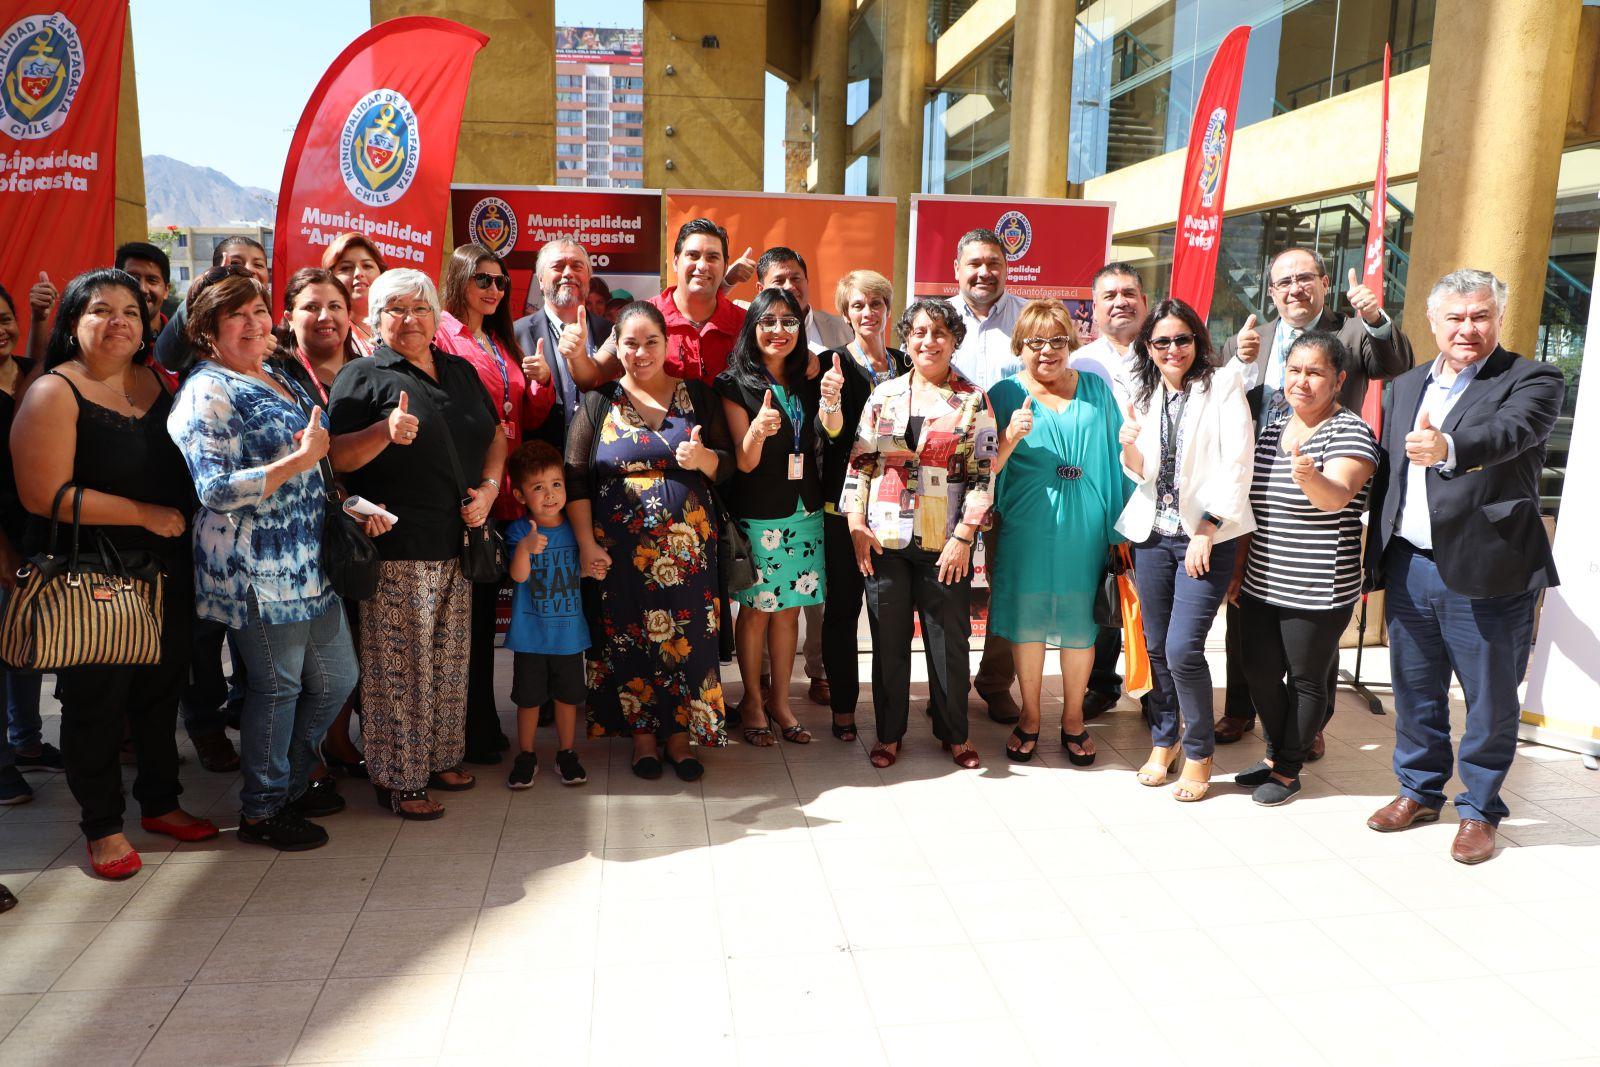 municipalidad-y-banco-estado-firman-convenio-para-fomentar-educacion-financiera-a-mujeres-y-dirigentes-sosciales